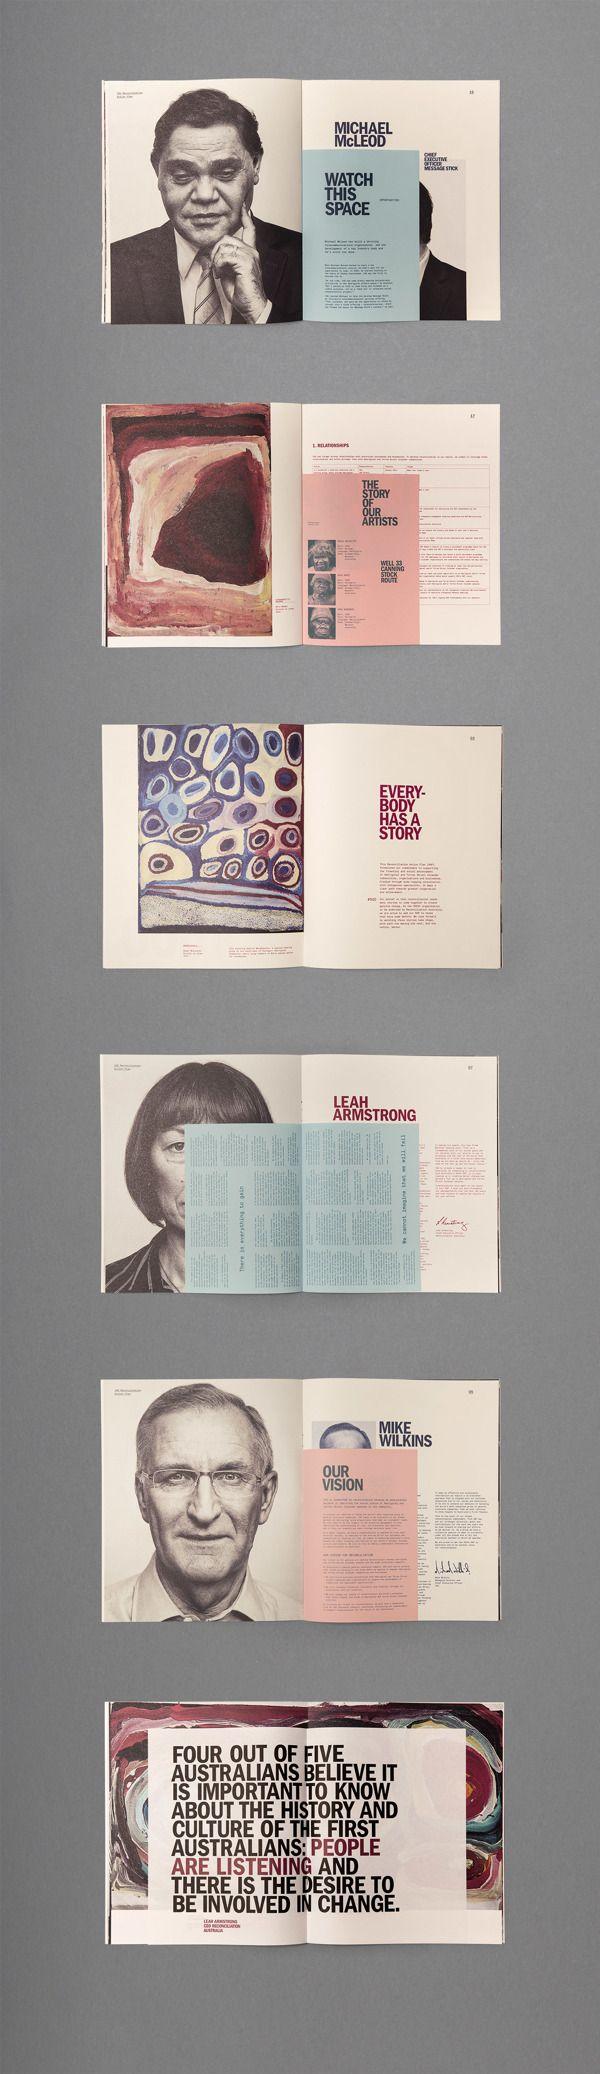 inspiração editorial 26 08 14 boteco design pinterest